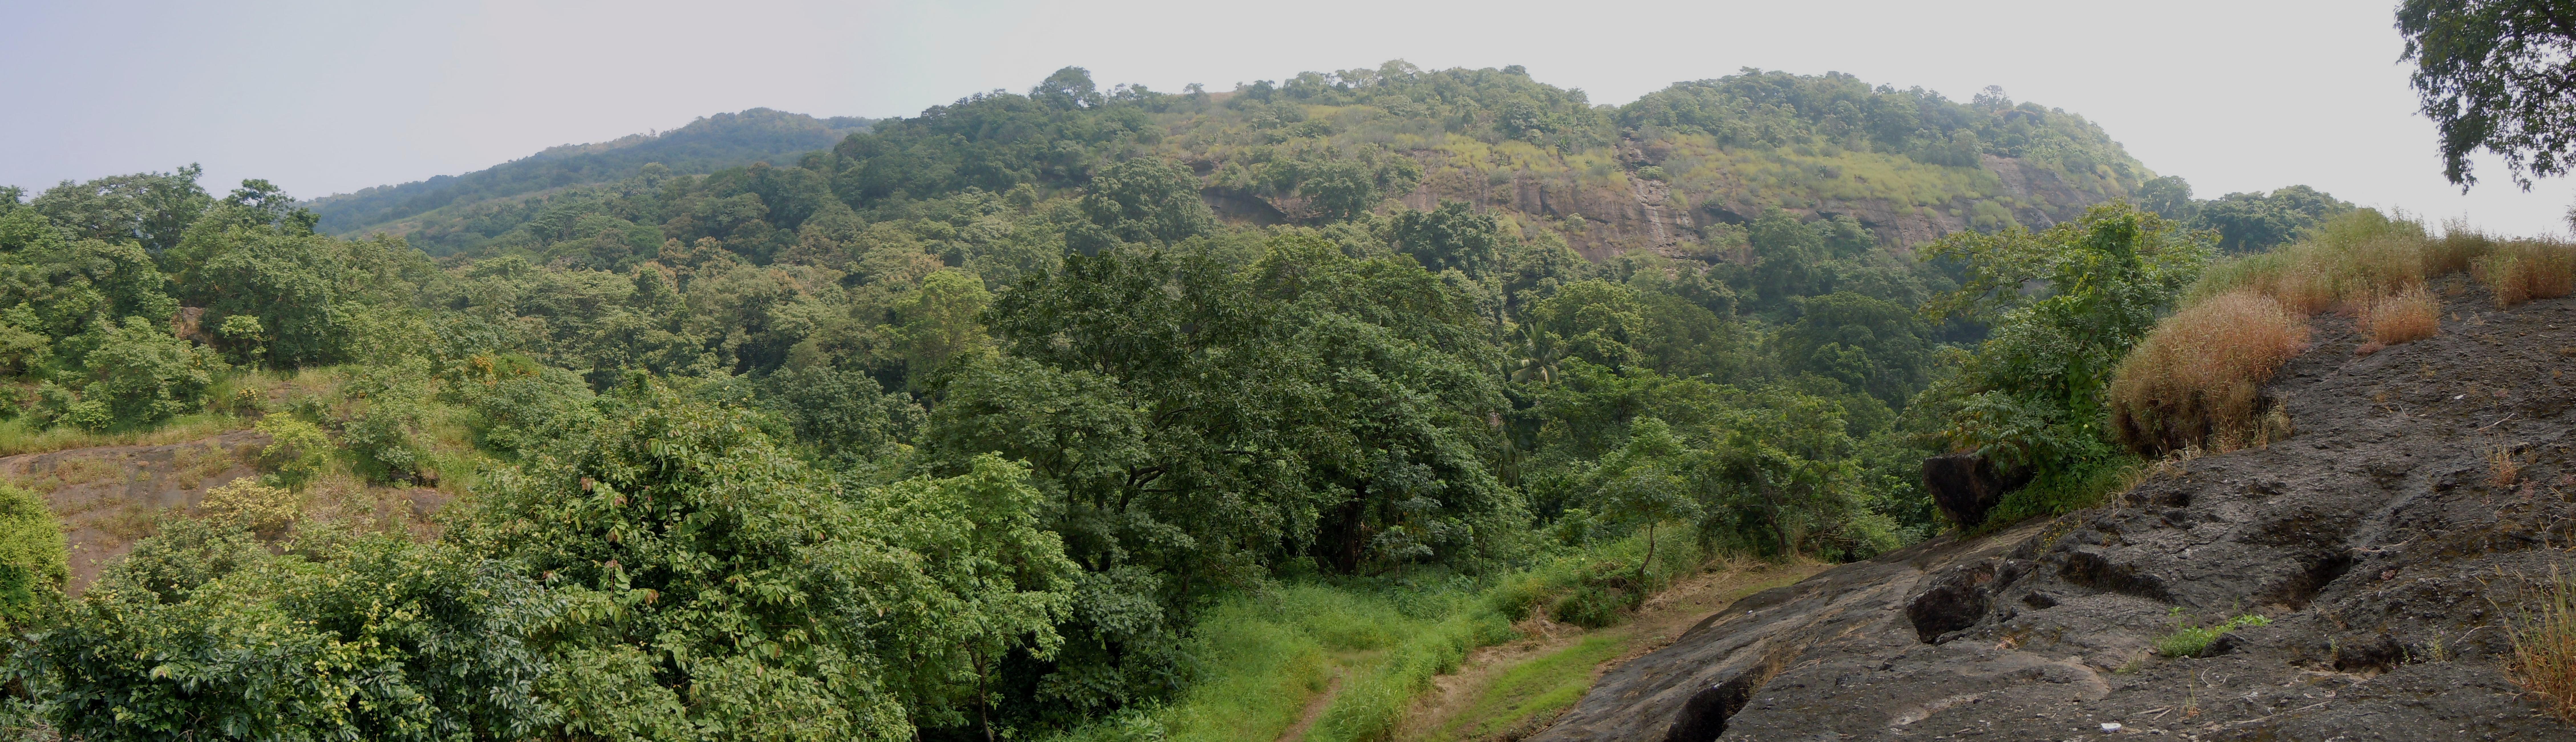 sanjay gandhi national park Reserva sanjay gandhi national park, bombay en tripadvisor: consulta 794 opiniones, artículos, y 901 fotos de sanjay gandhi national park, clasificada en tripadvisor.